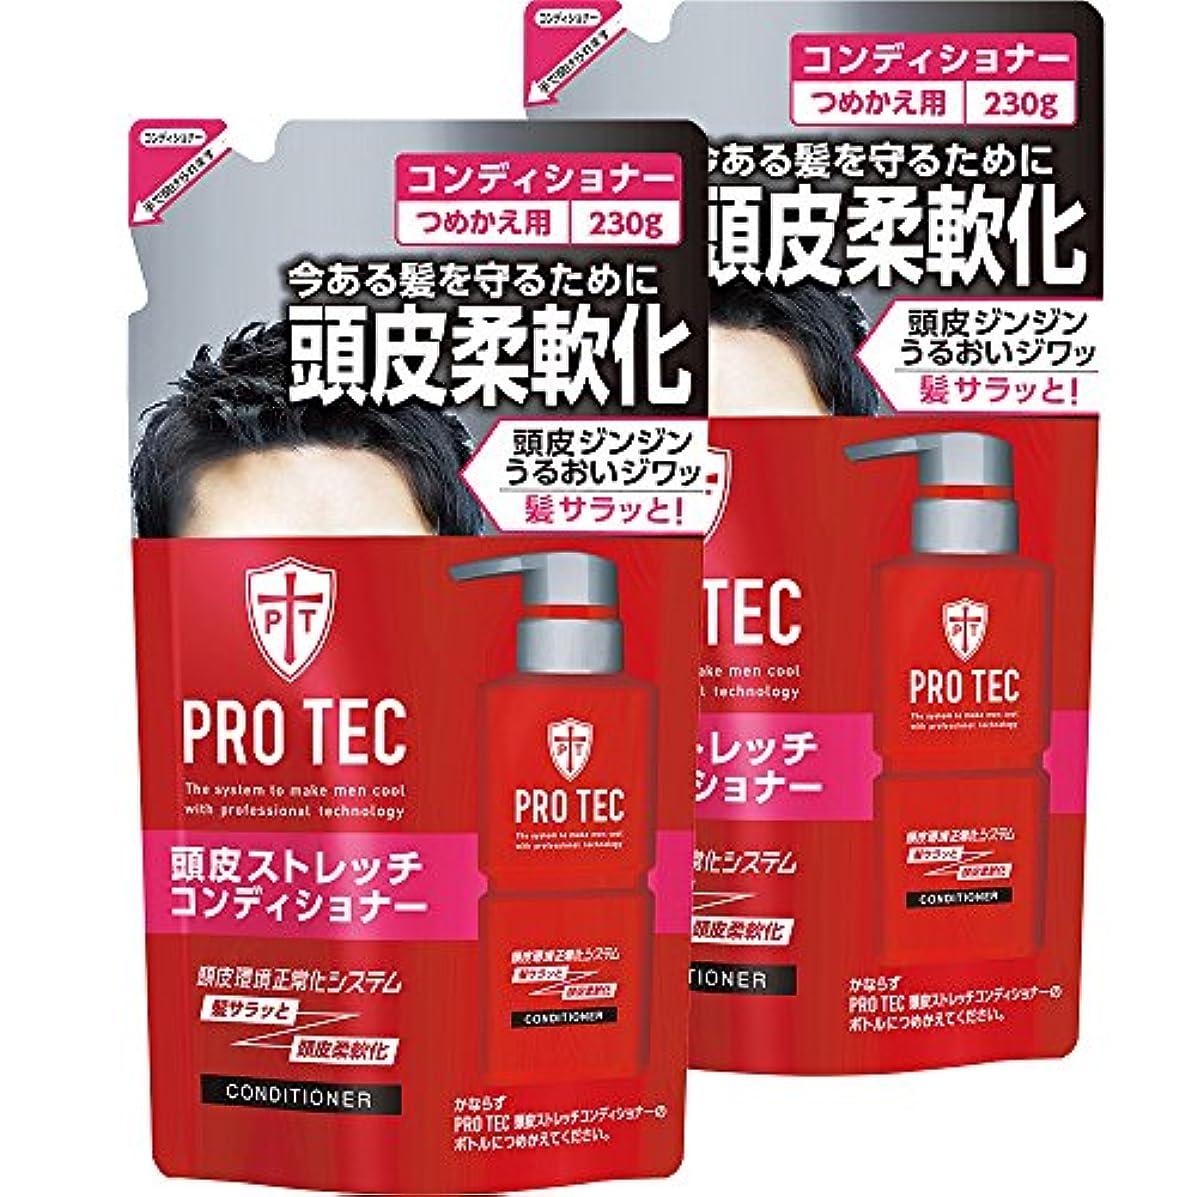 トラクター葉ホバート【まとめ買い】PRO TEC(プロテク) 頭皮ストレッチ コンディショナー 詰め替え 230g×2個パック(医薬部外品)